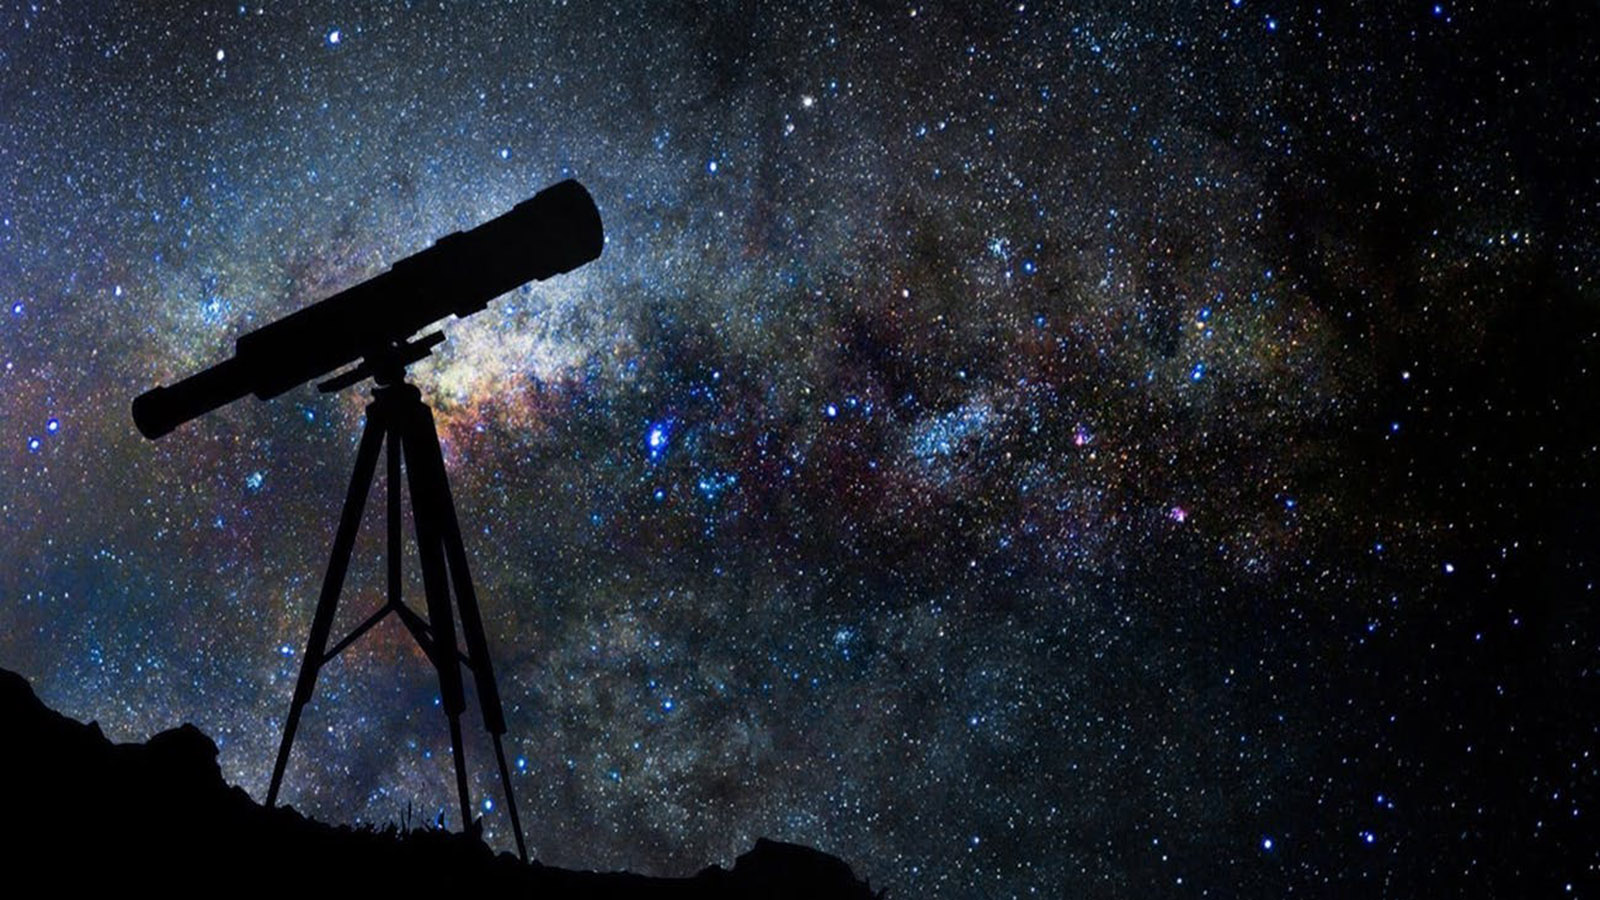 Δελτίο τύπου για το Θερινό Σχολείο Αστροφυσικής και Διαστήματος που πραγματοποιήθηκε στη Ραφήνα